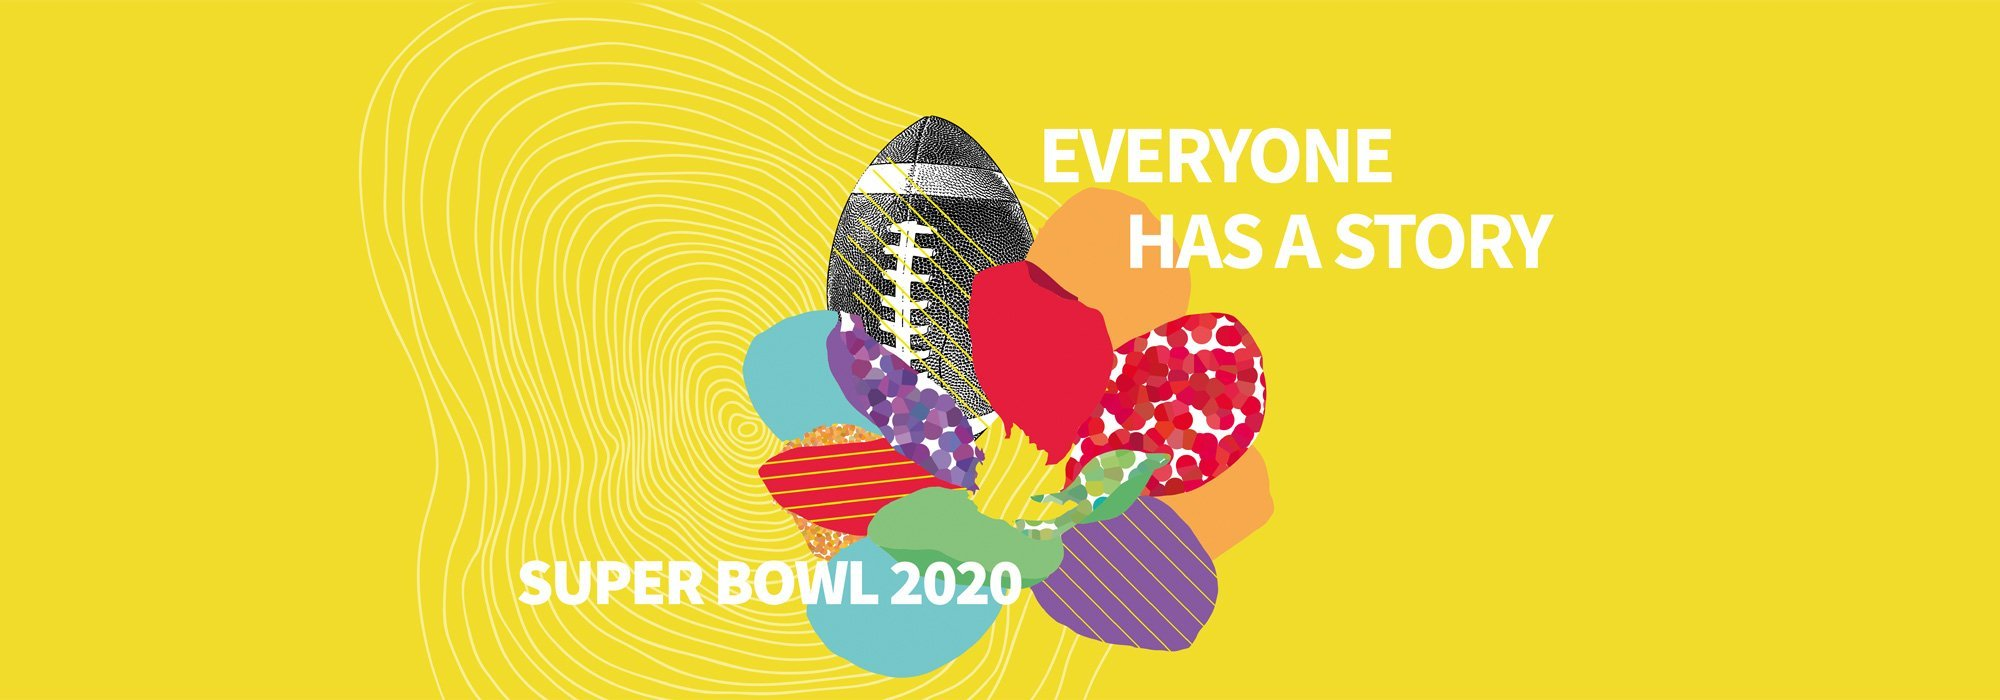 Lo storytelling conquista il Super Bowl 2020